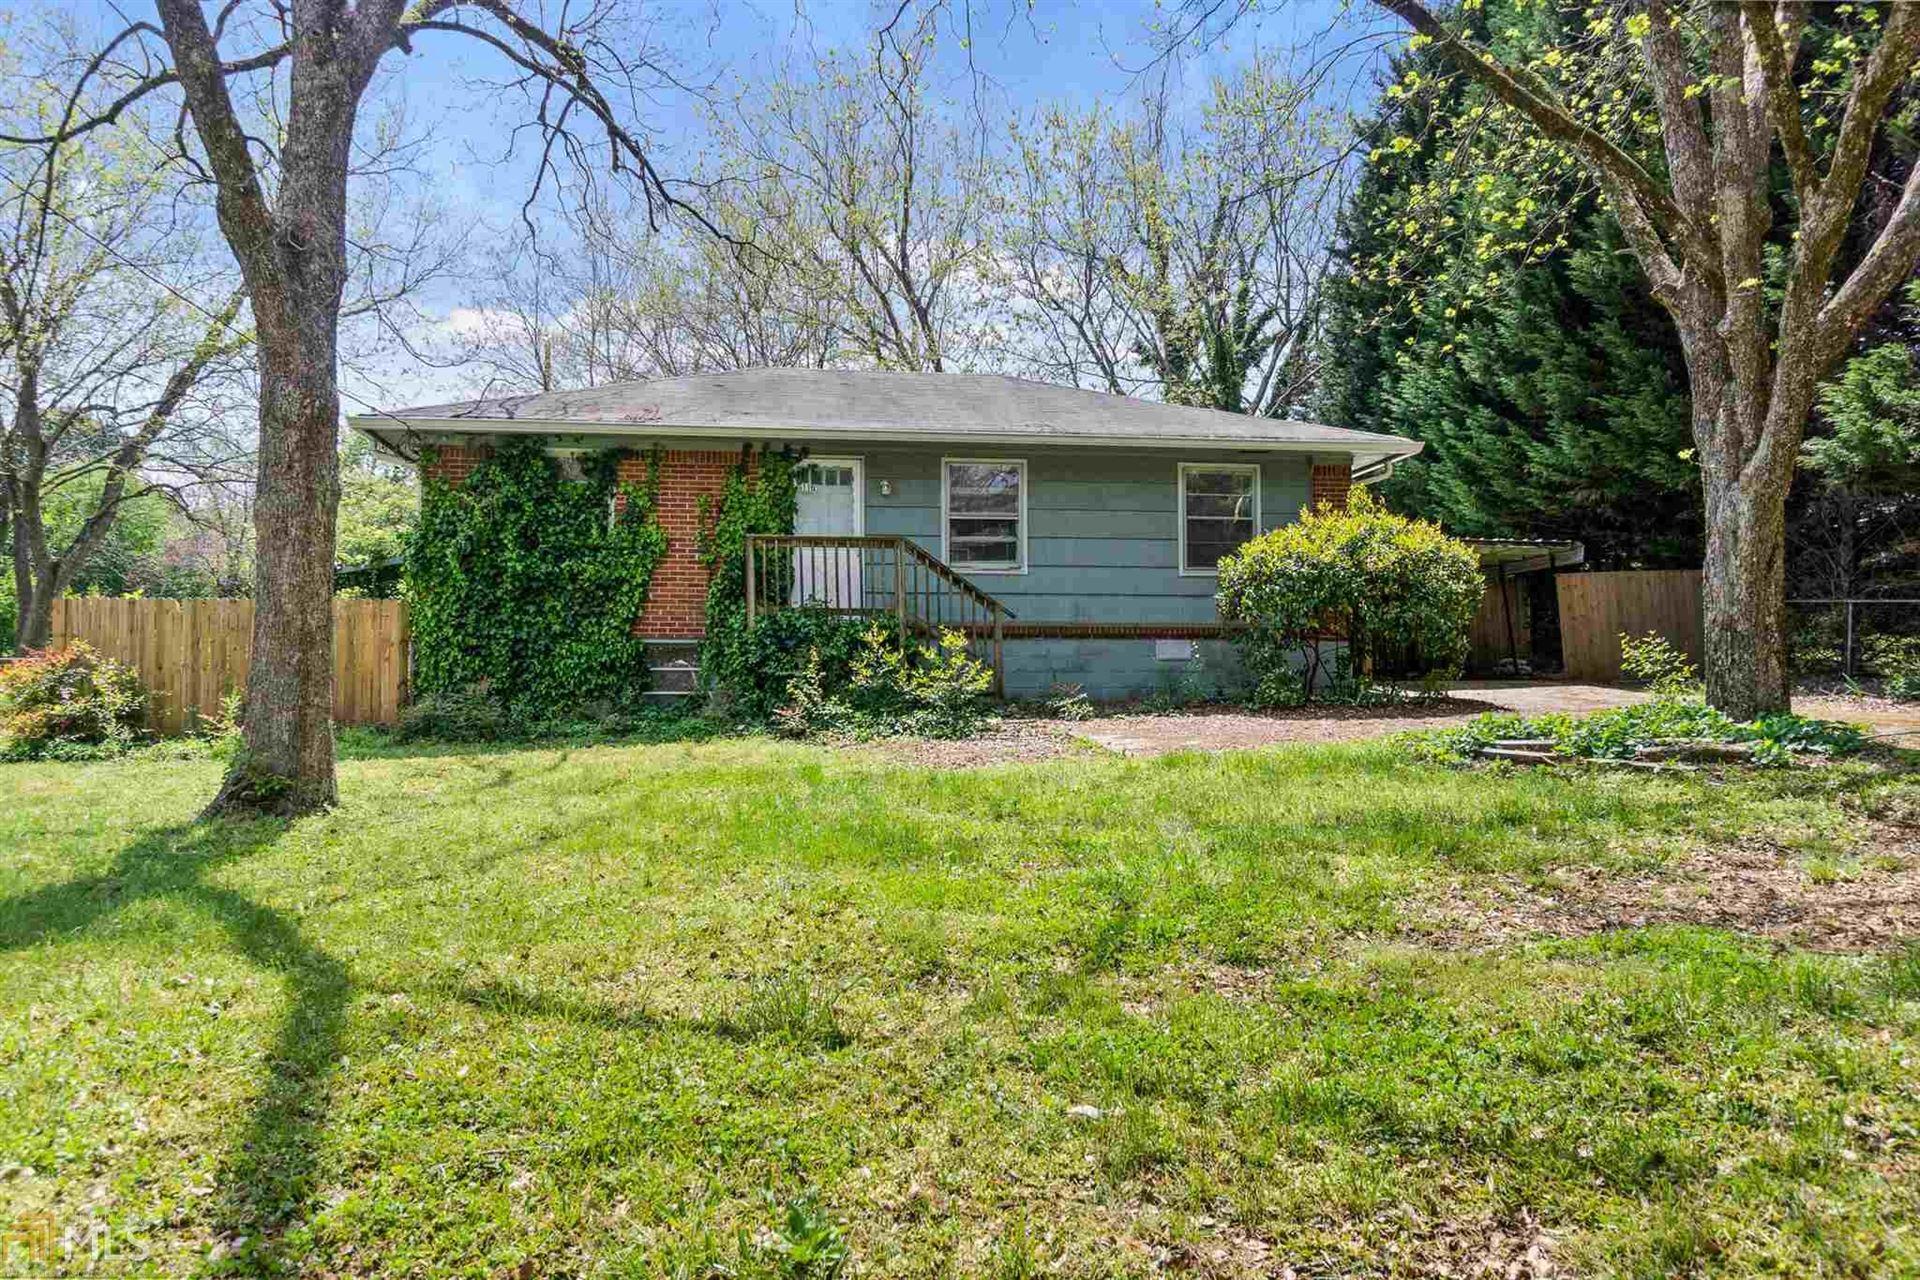 116 Raymond St, Jonesboro, GA 30236 - #: 8957568